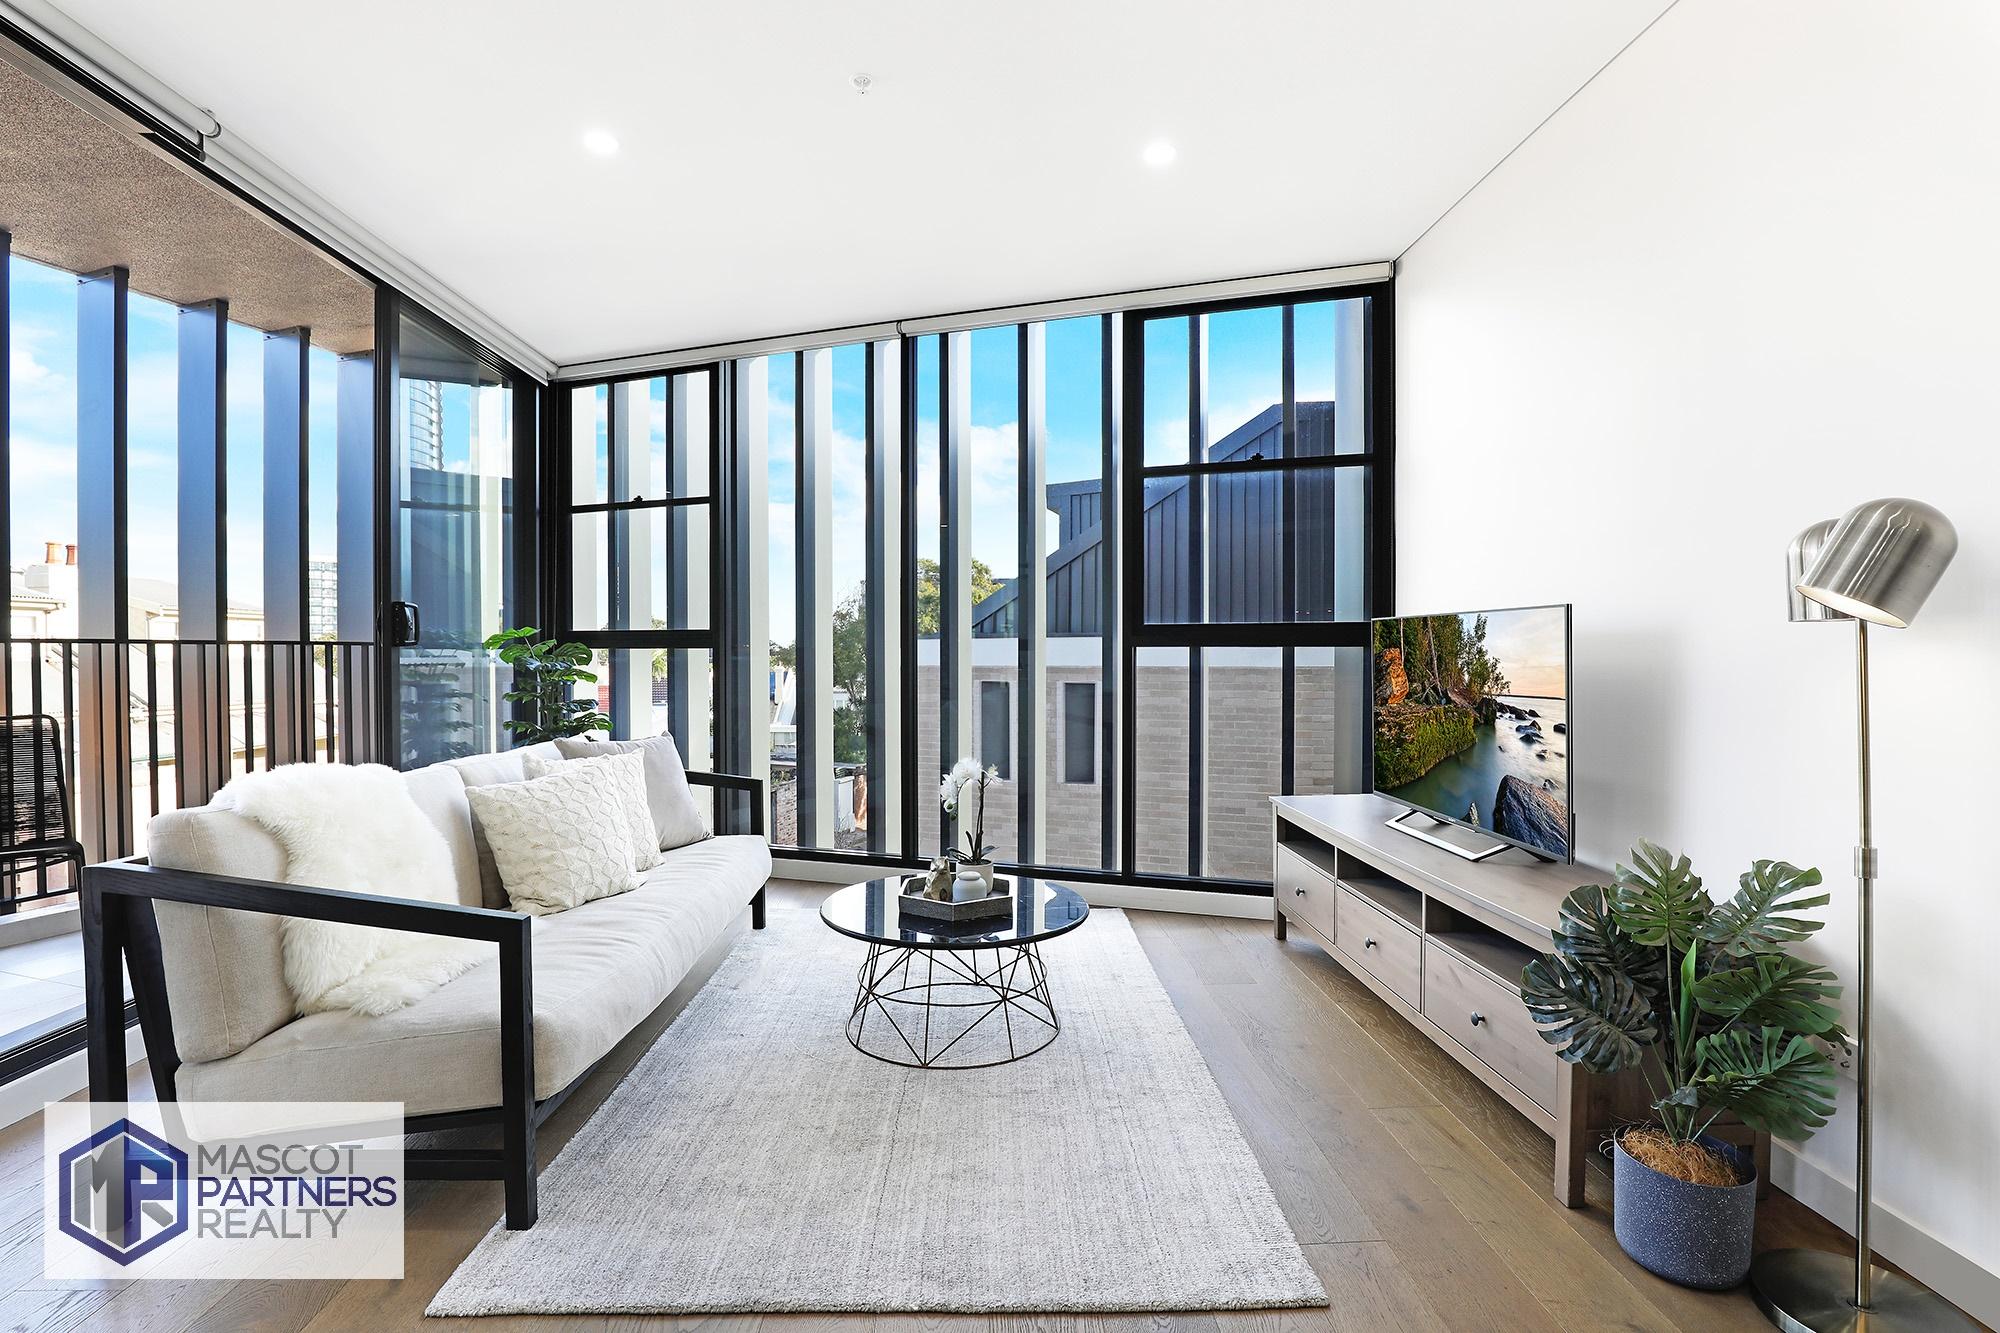 Stylist 2 Bedroom Apartment in Zetland (SOLD)